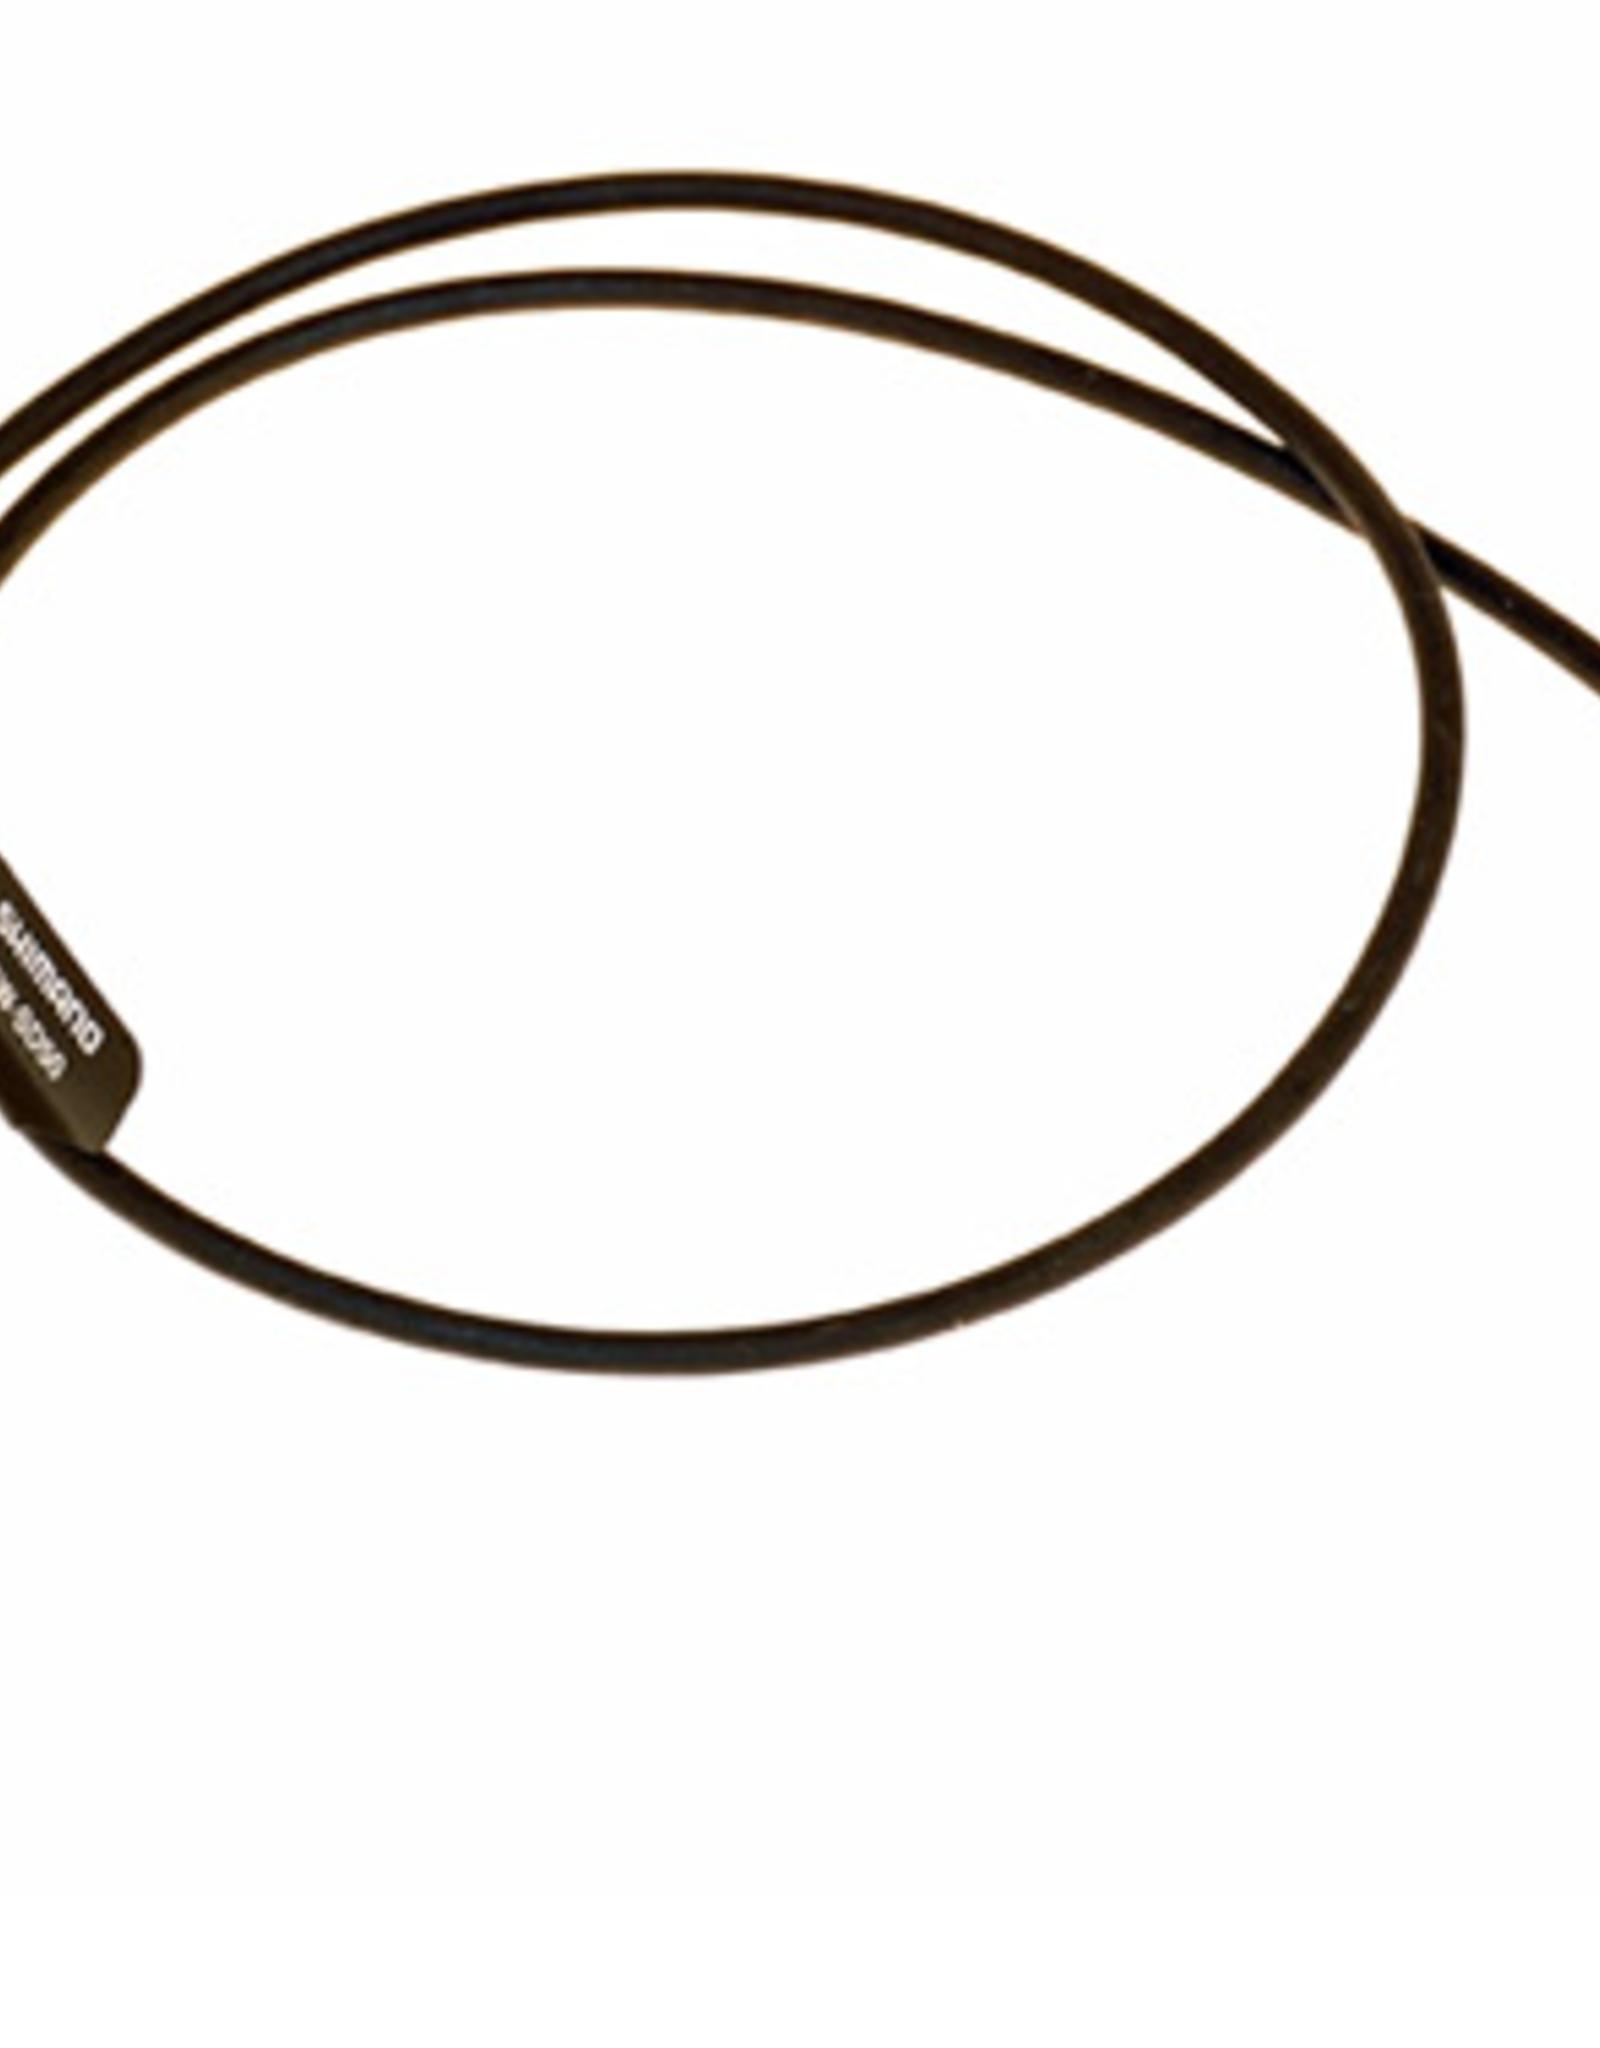 Shimano Shimano EW-SD50 E-tube Di2 electric wire, 350mm